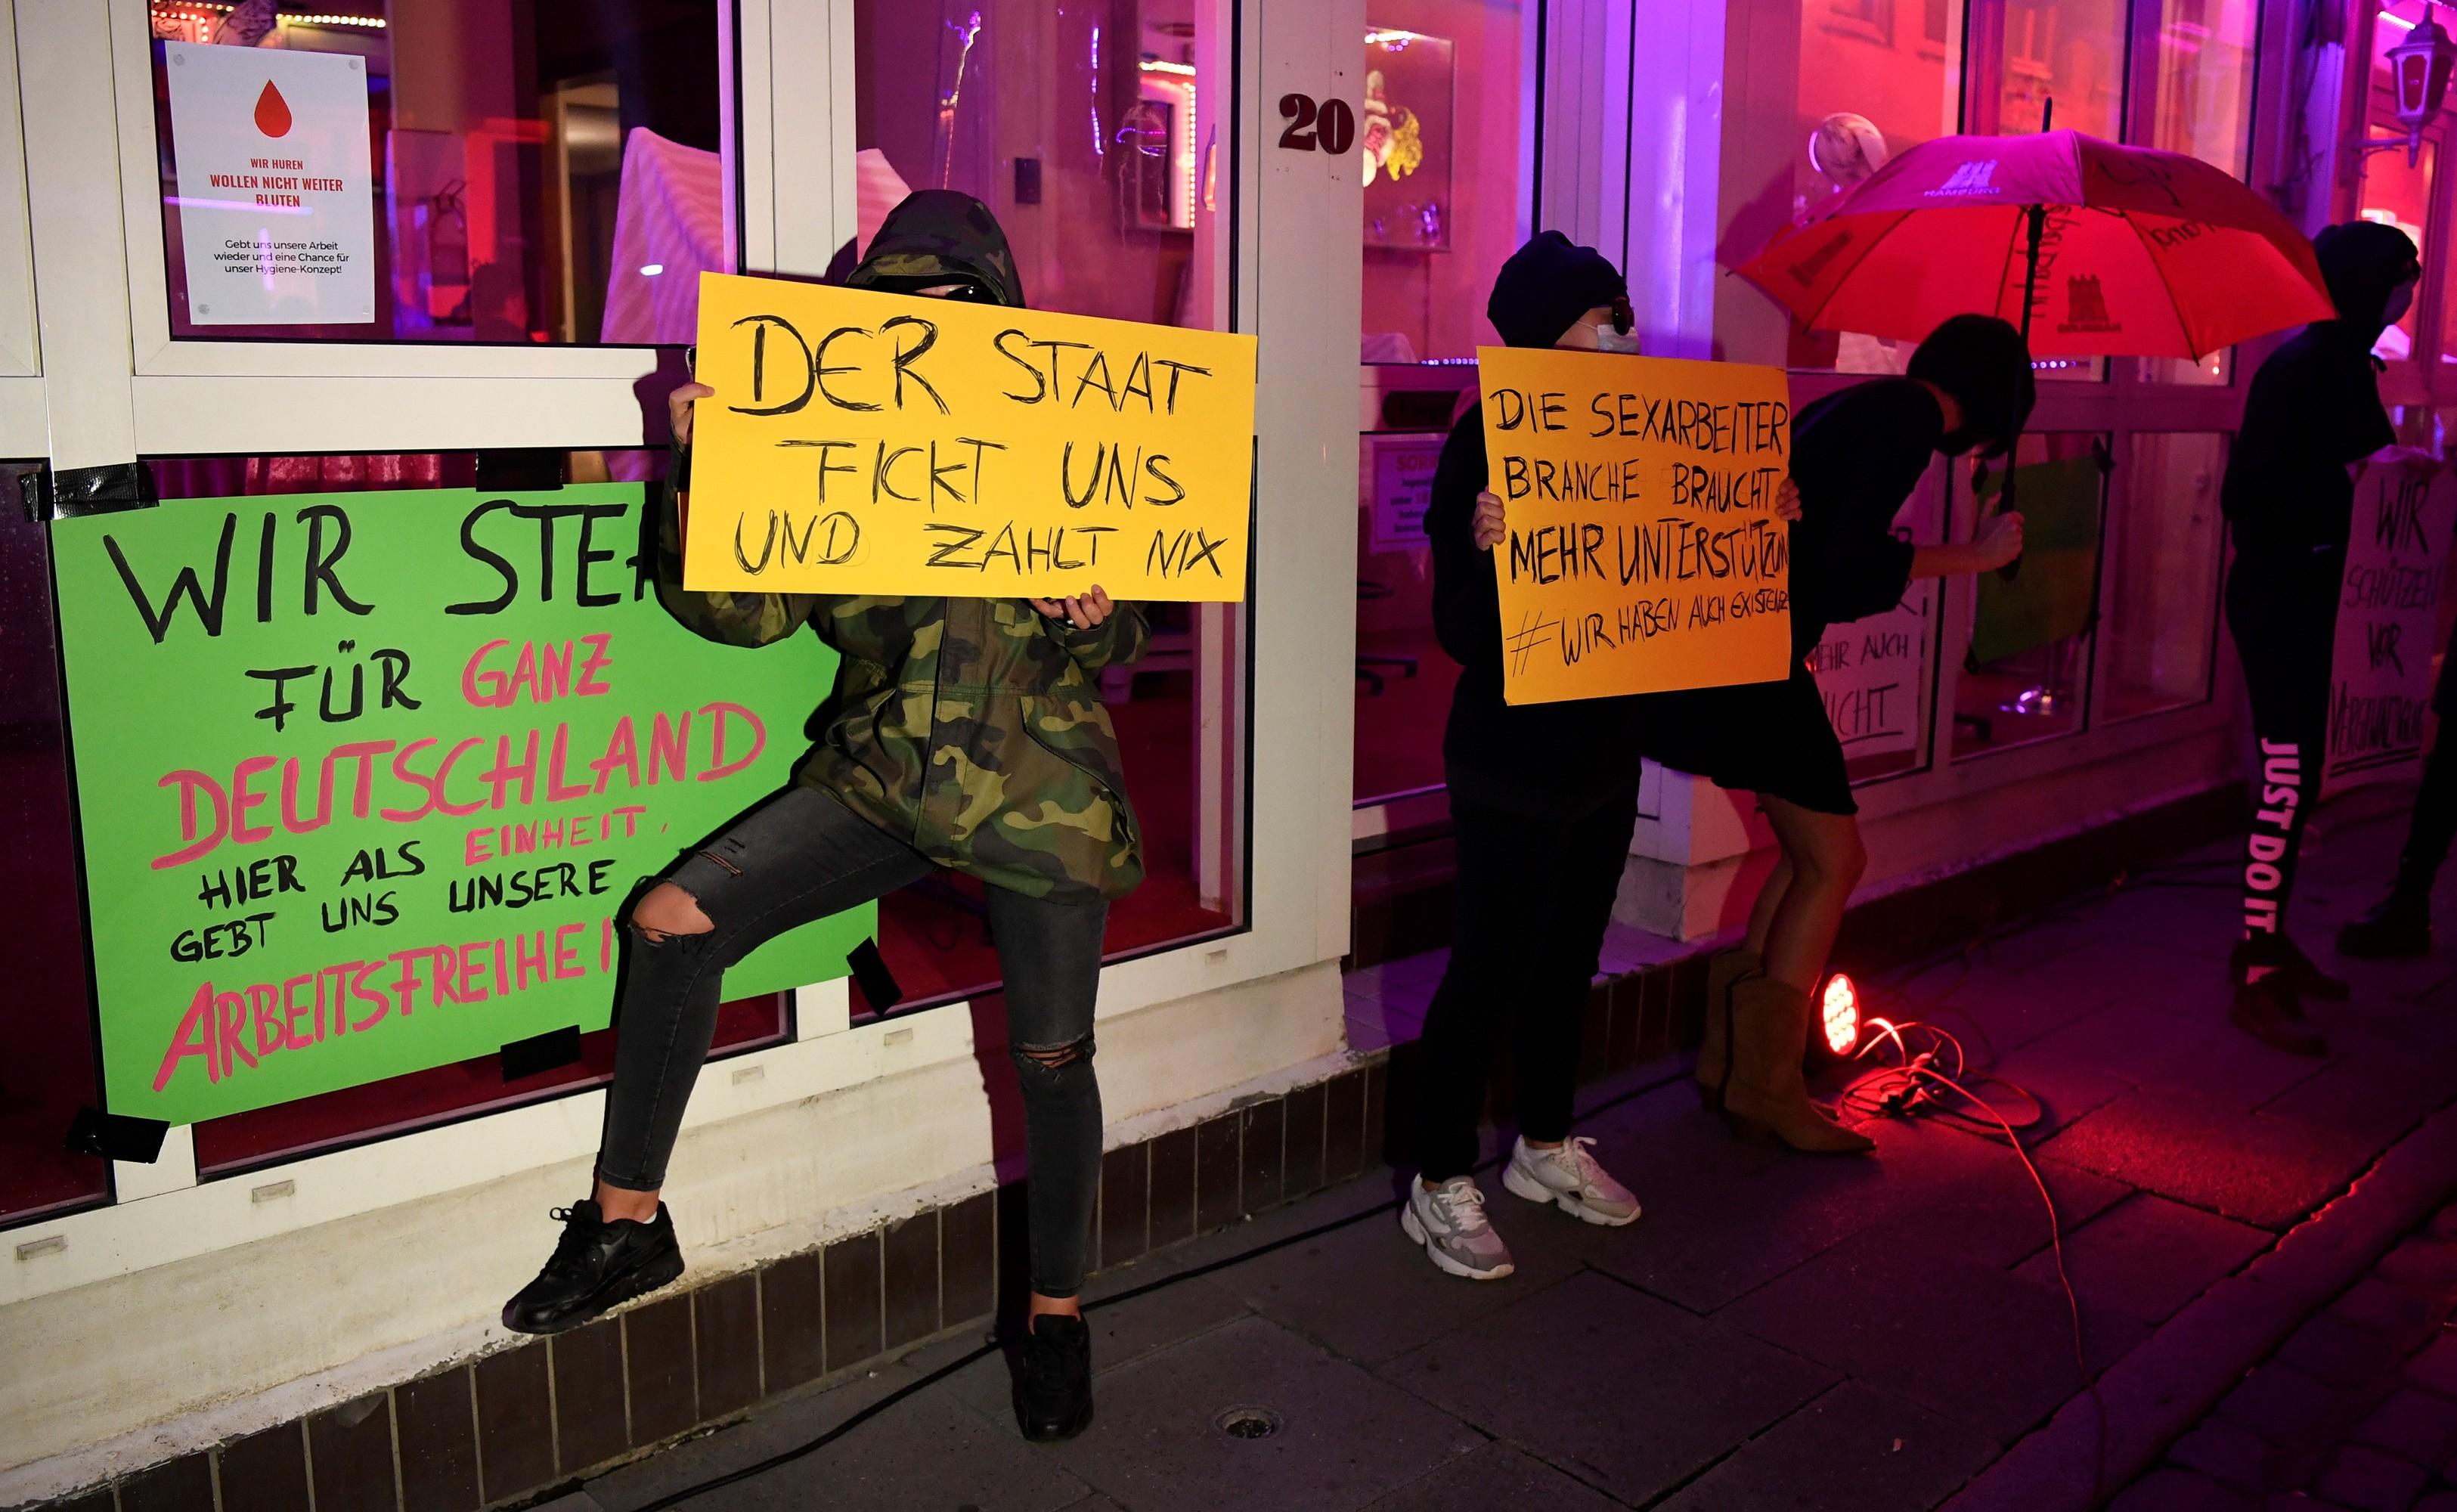 Prostitutas fazem ato por reabertura de bordéis na Alemanha